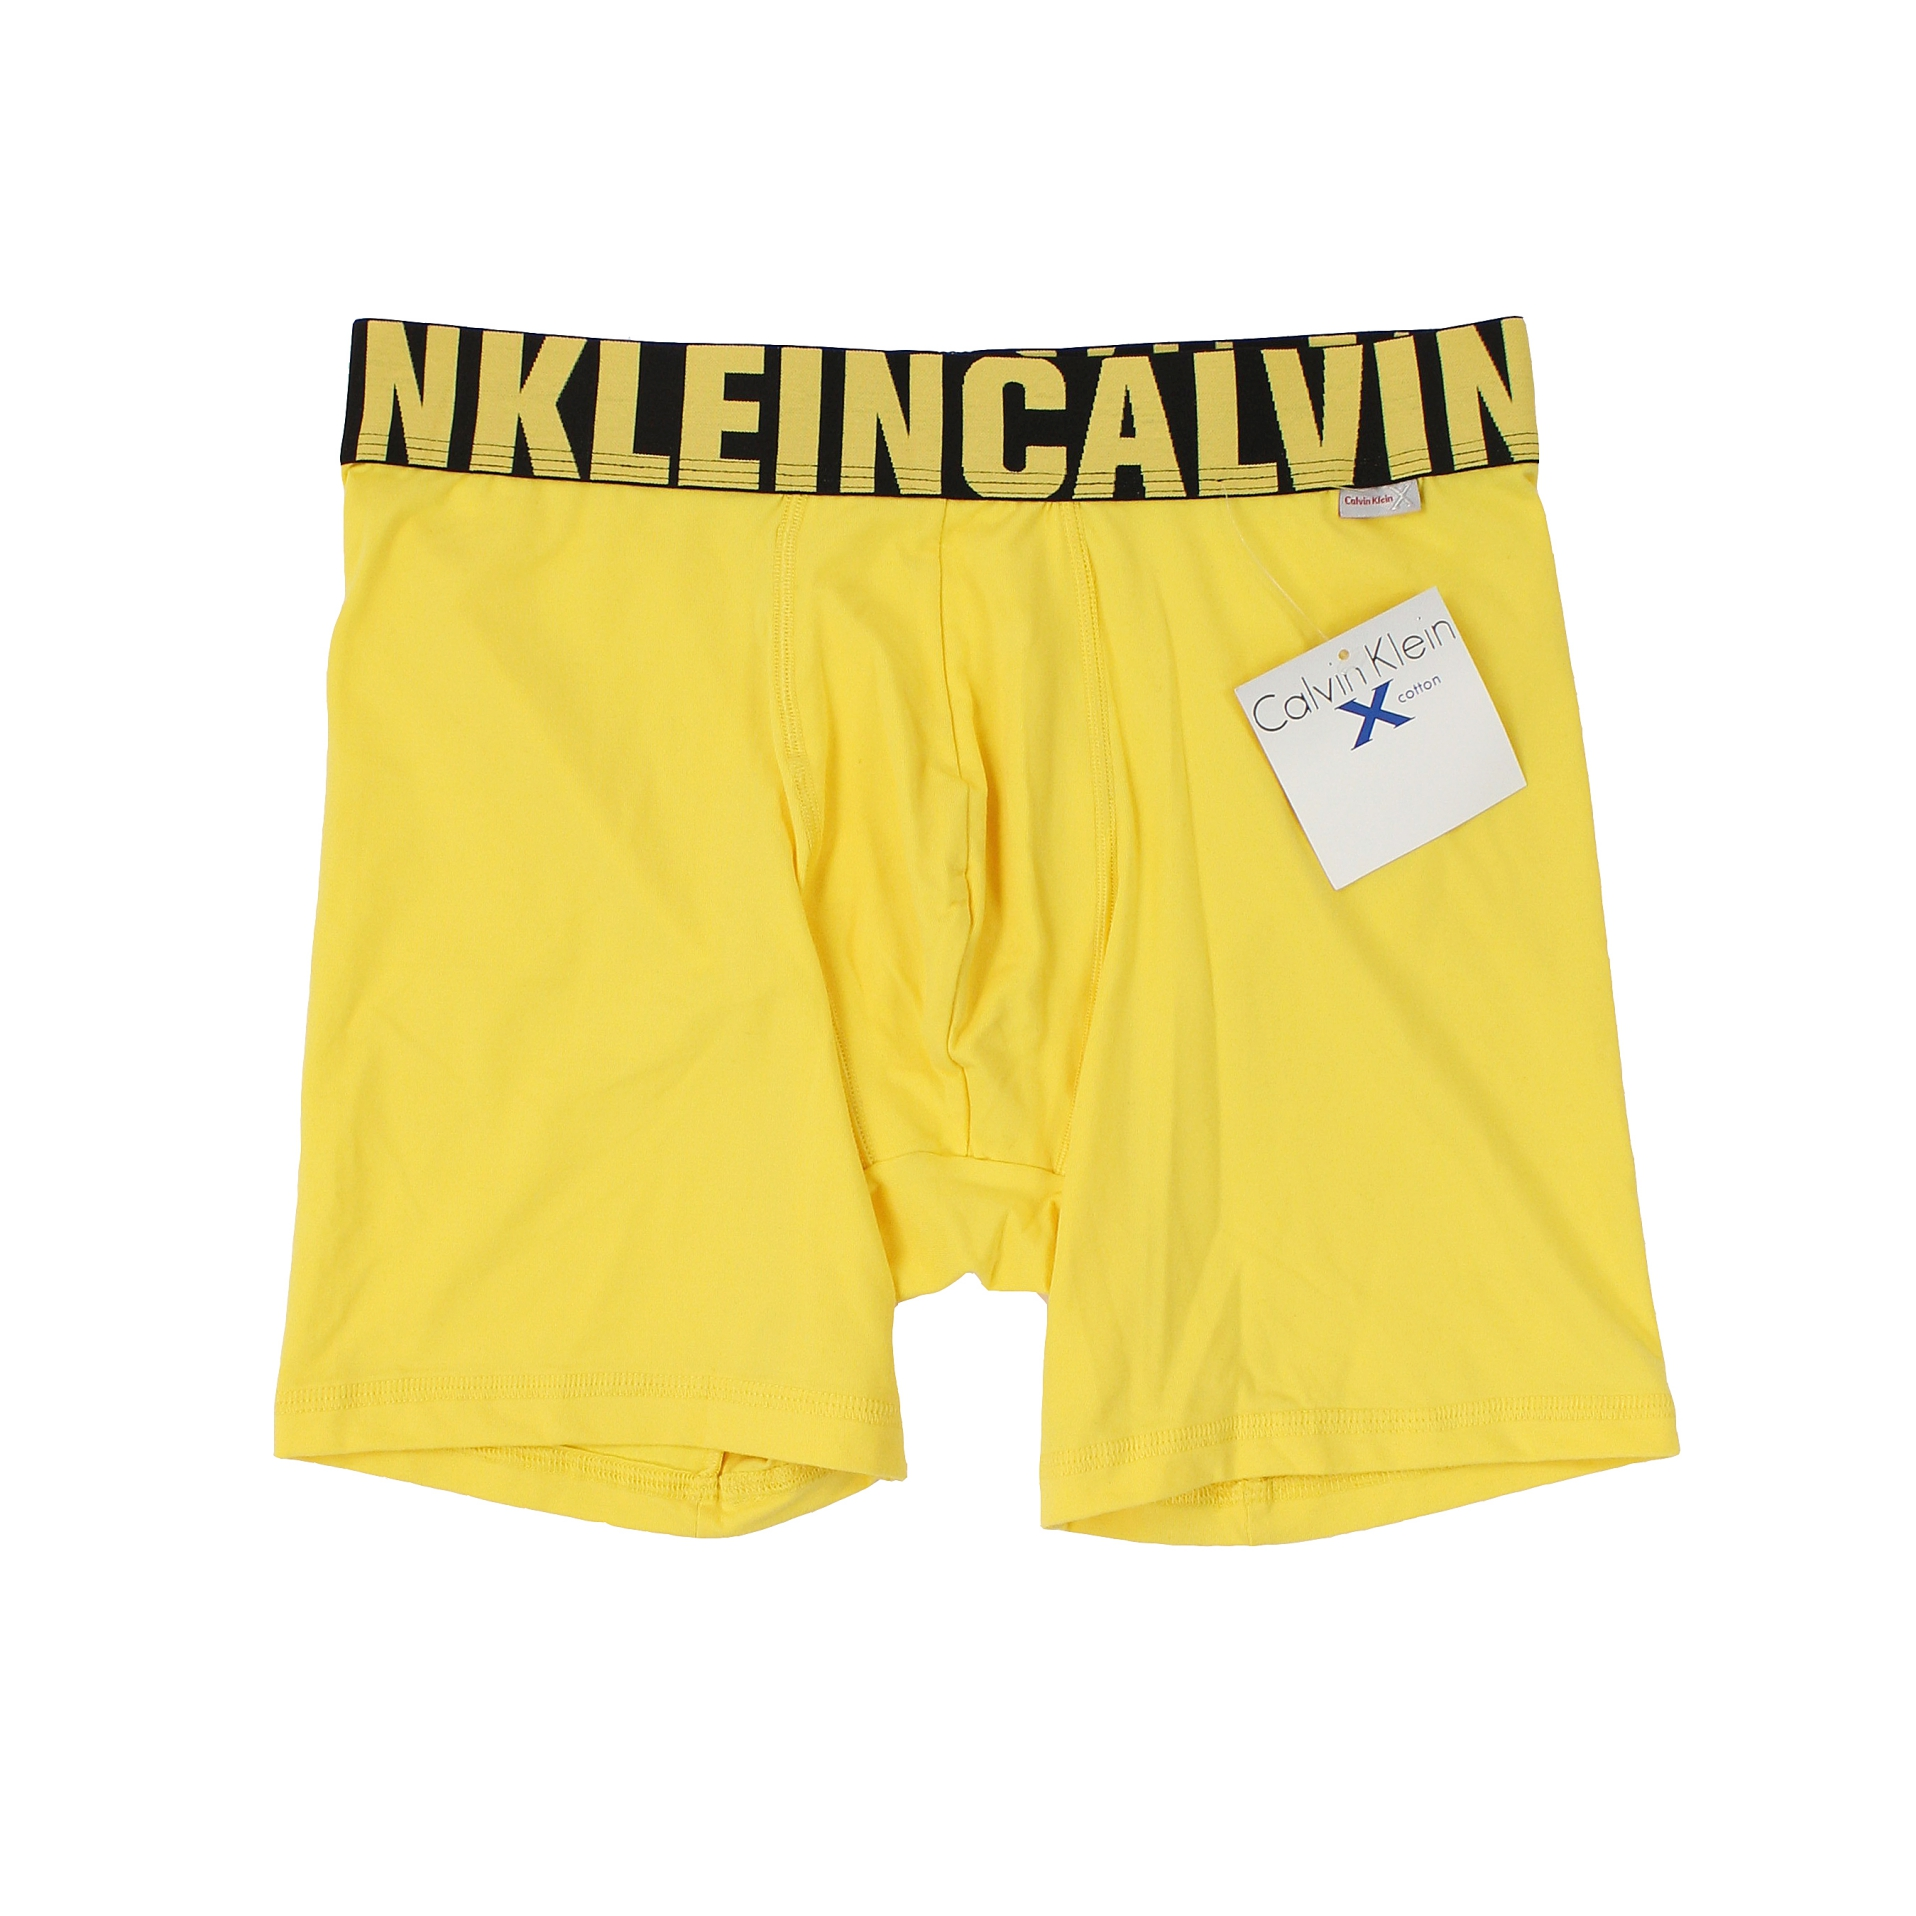 美國百分百【全新真品】Calvin Klein 內褲 CK 四角褲 平口褲 黃 素面 柔軟 彈性 男 M號